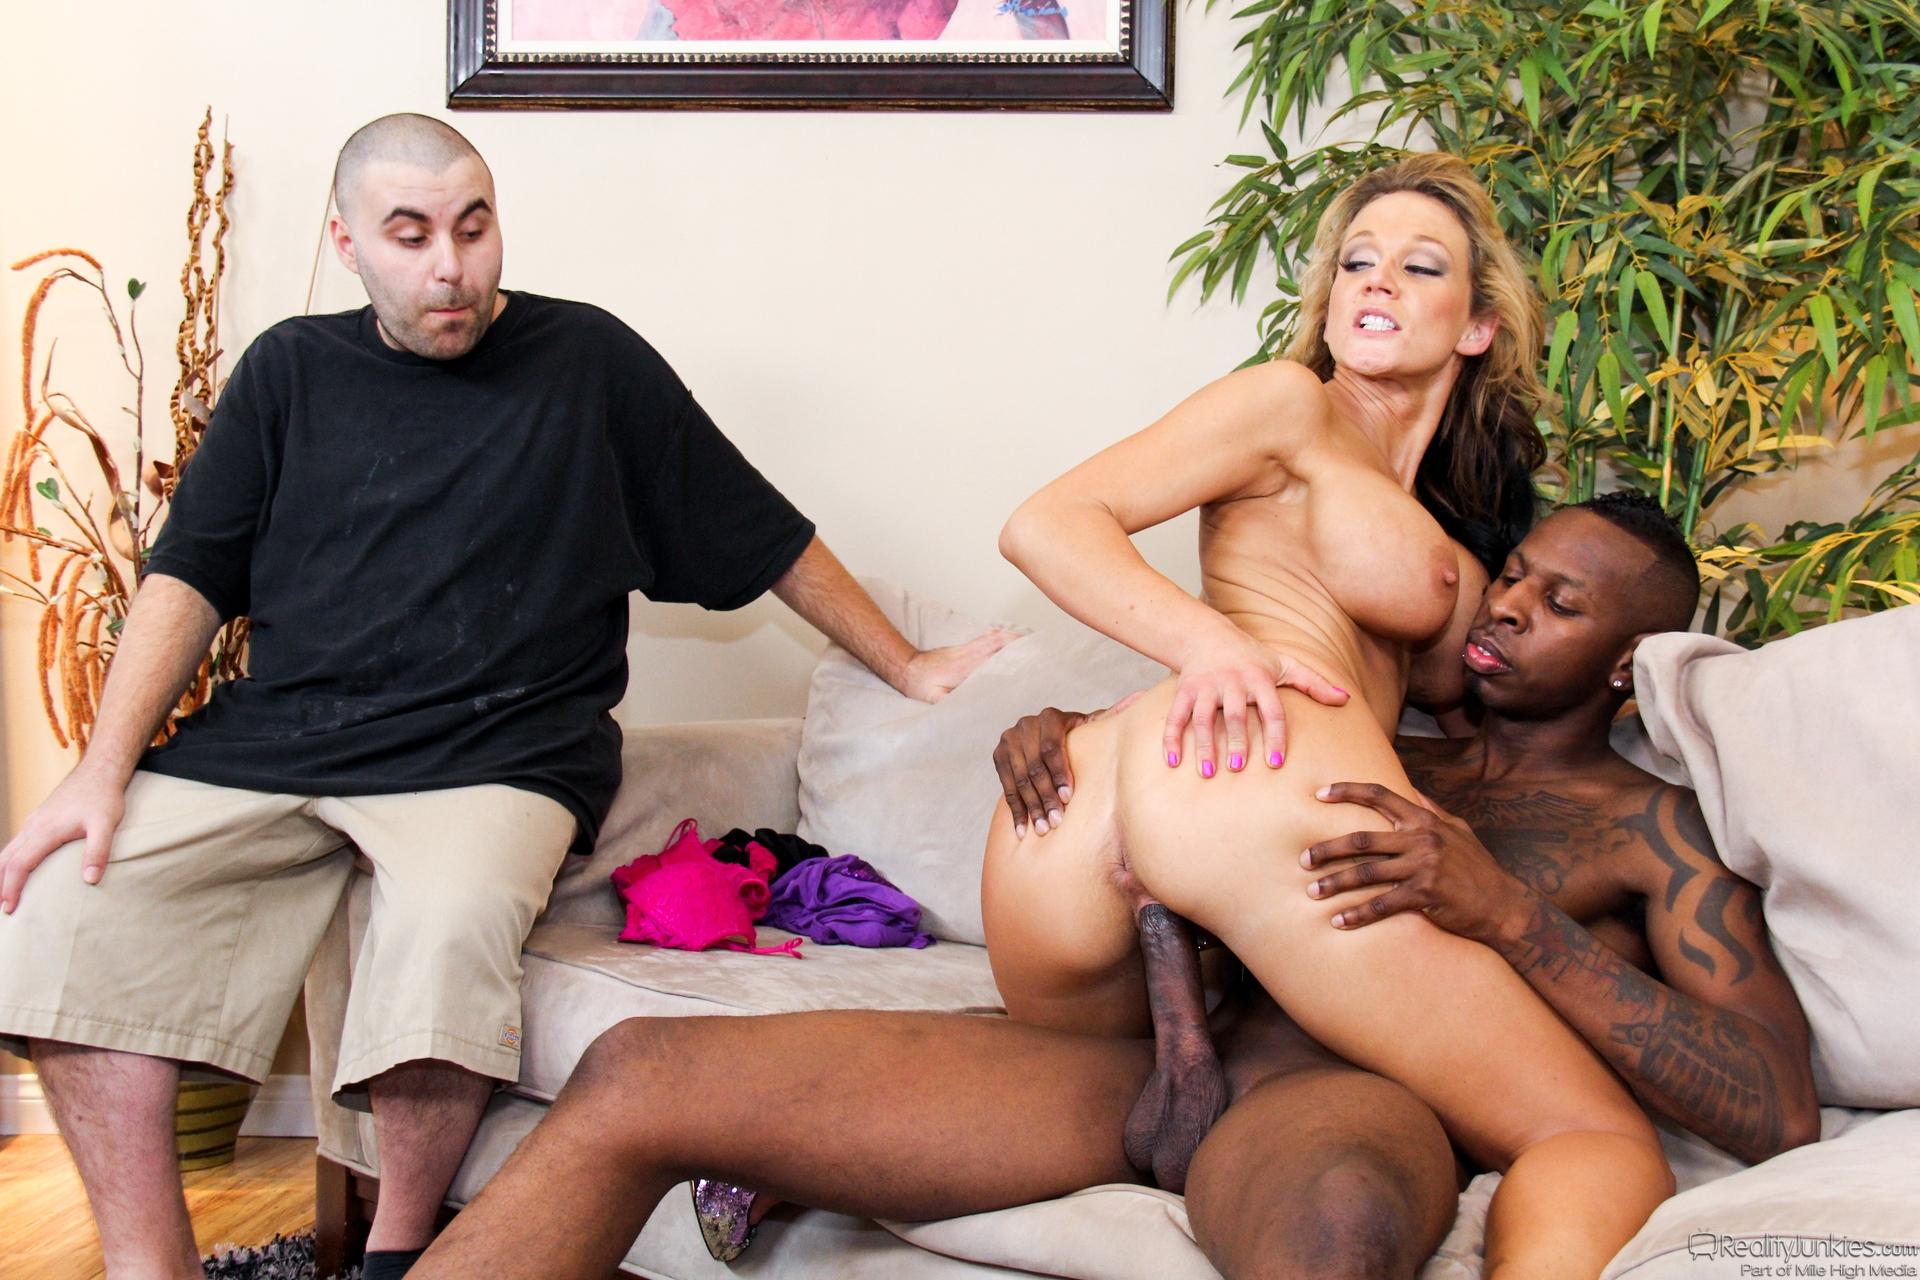 Смотреть как жена ебётся с негром, Жена трахается с негром домашнее порно видео 9 фотография